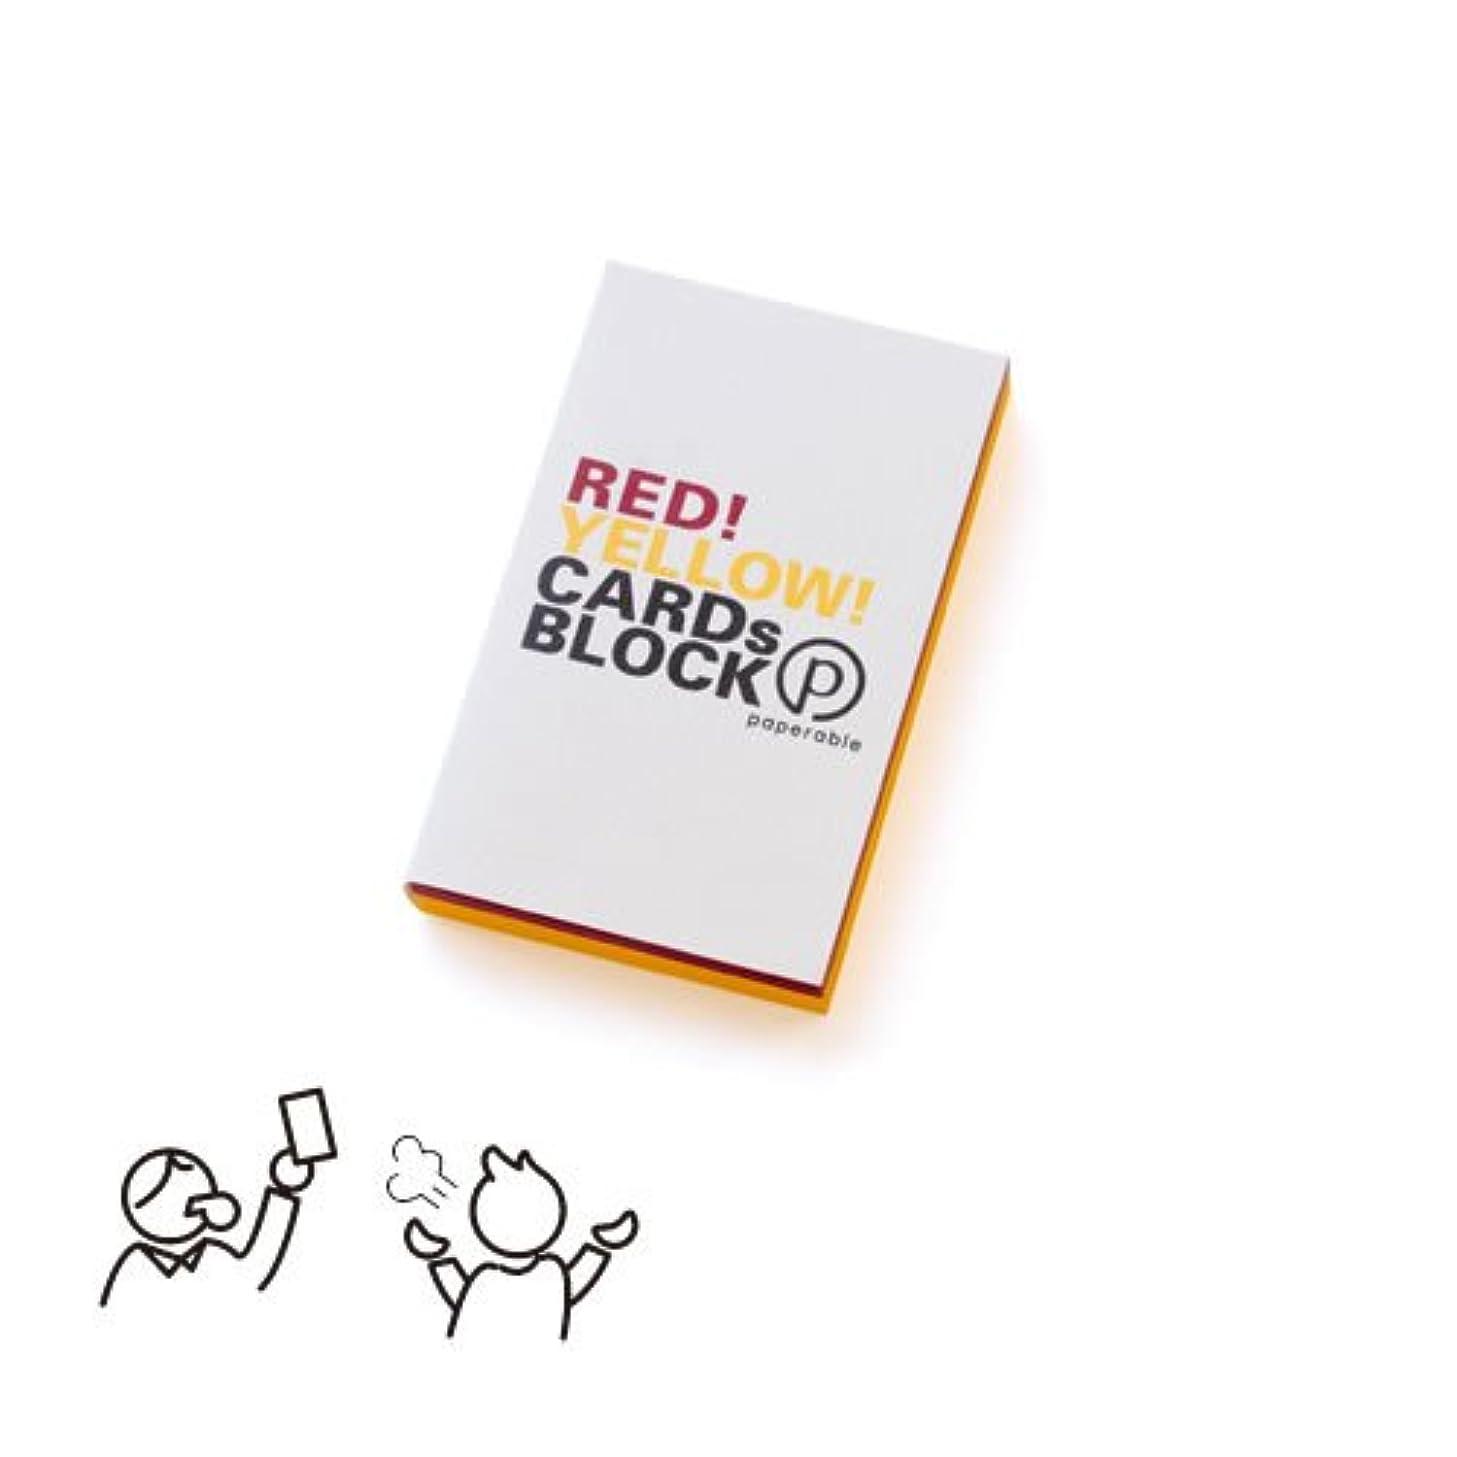 背の高い休暇ティーム【ペパラブル】RED! YELLOW! CARDs BLOCK(レッド イエローカーズブロック)